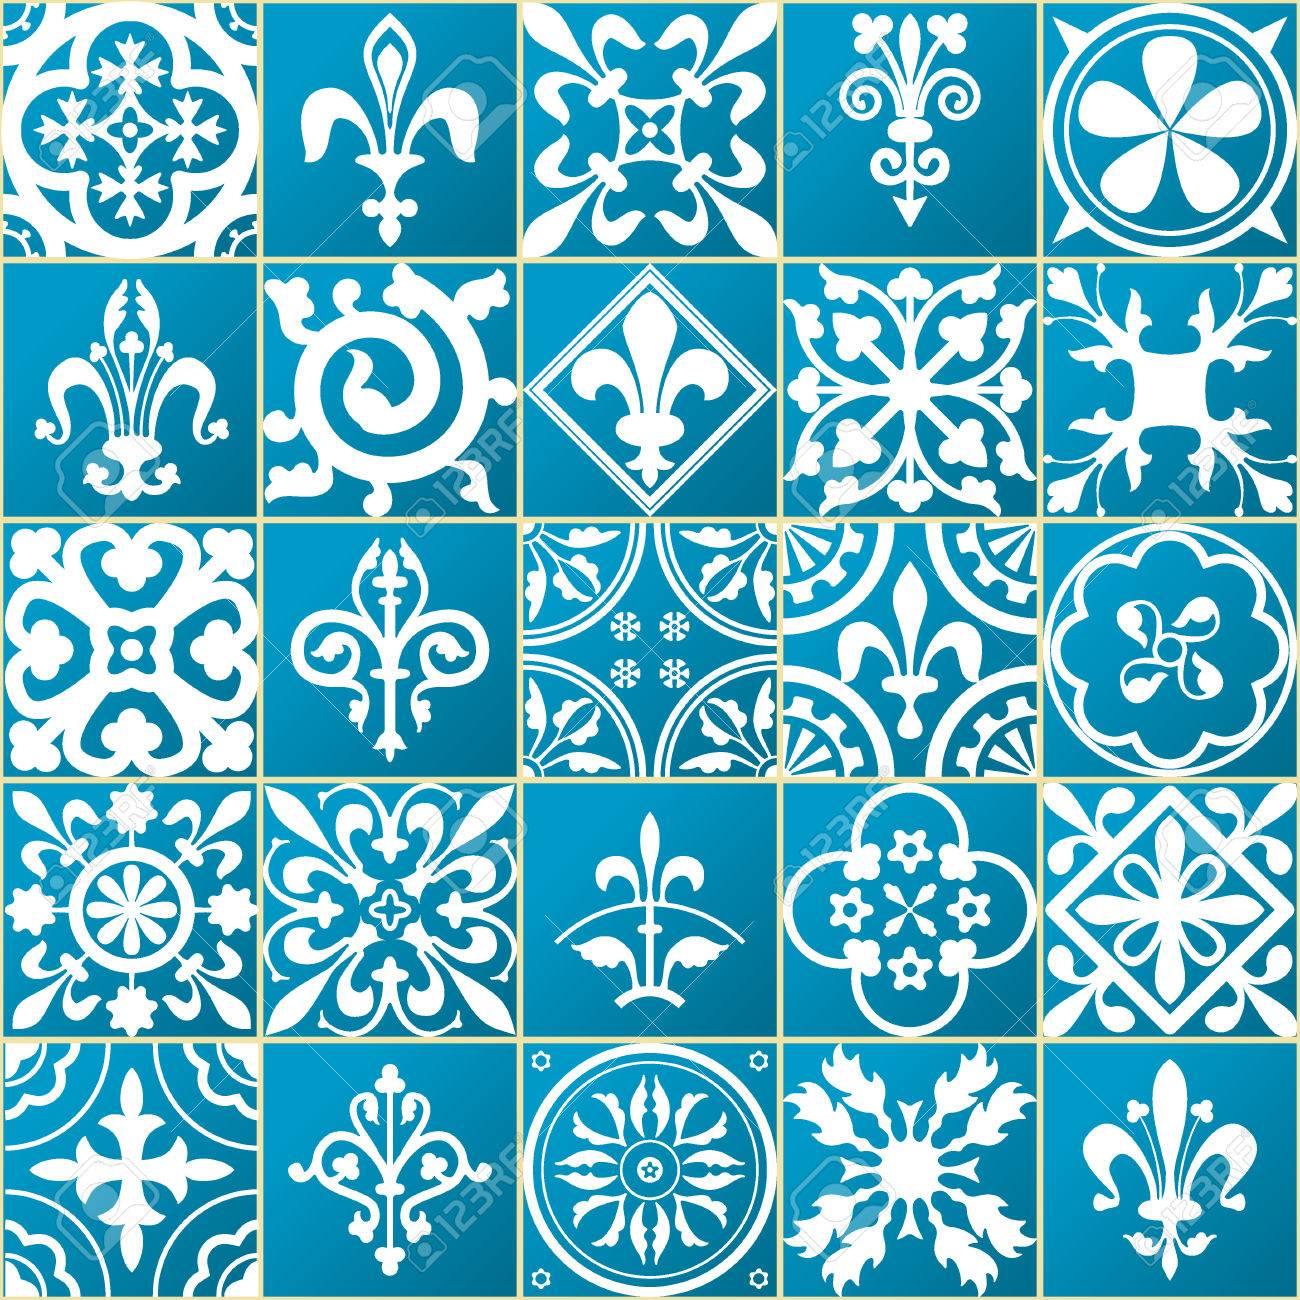 ベクトル図のモロッコ タイルのデザイン 背景 バナーのシームレスなパターン 壁紙やテキスタイルの要素です テクスチャ テンプレートのイラスト素材 ベクタ Image